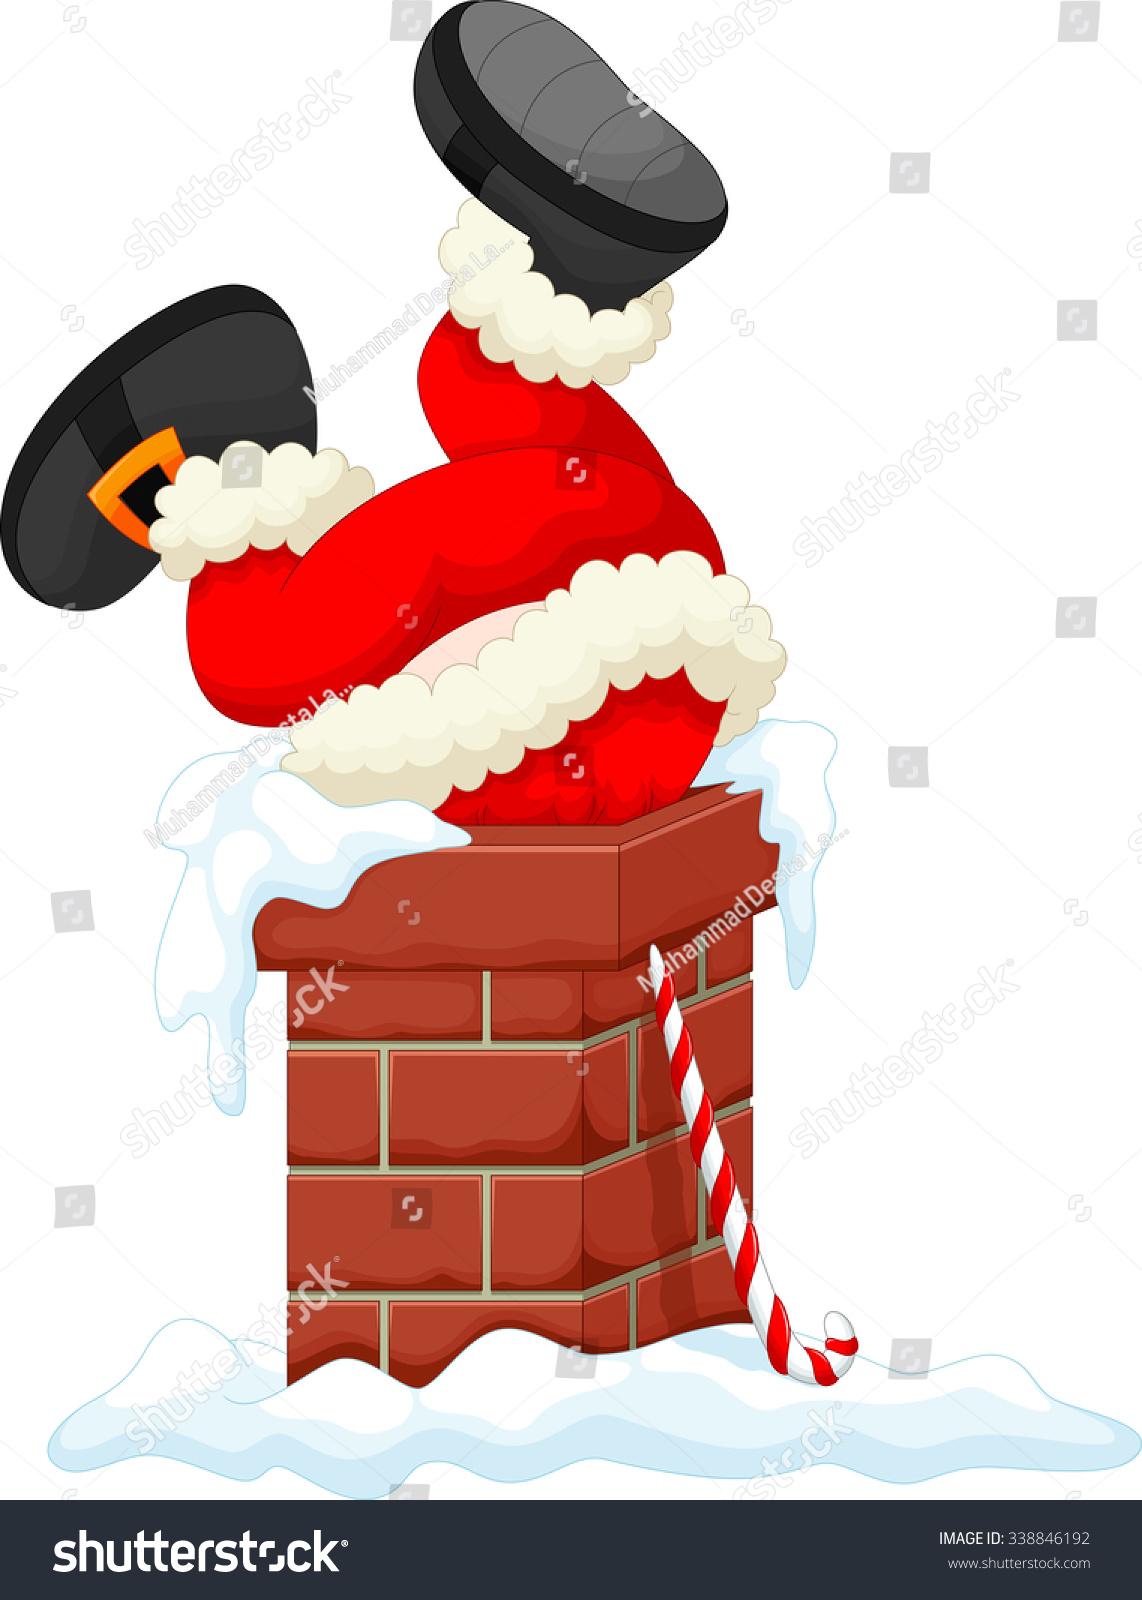 Santa Claus stuck in the Chimney - Santa Chimney PNG HD